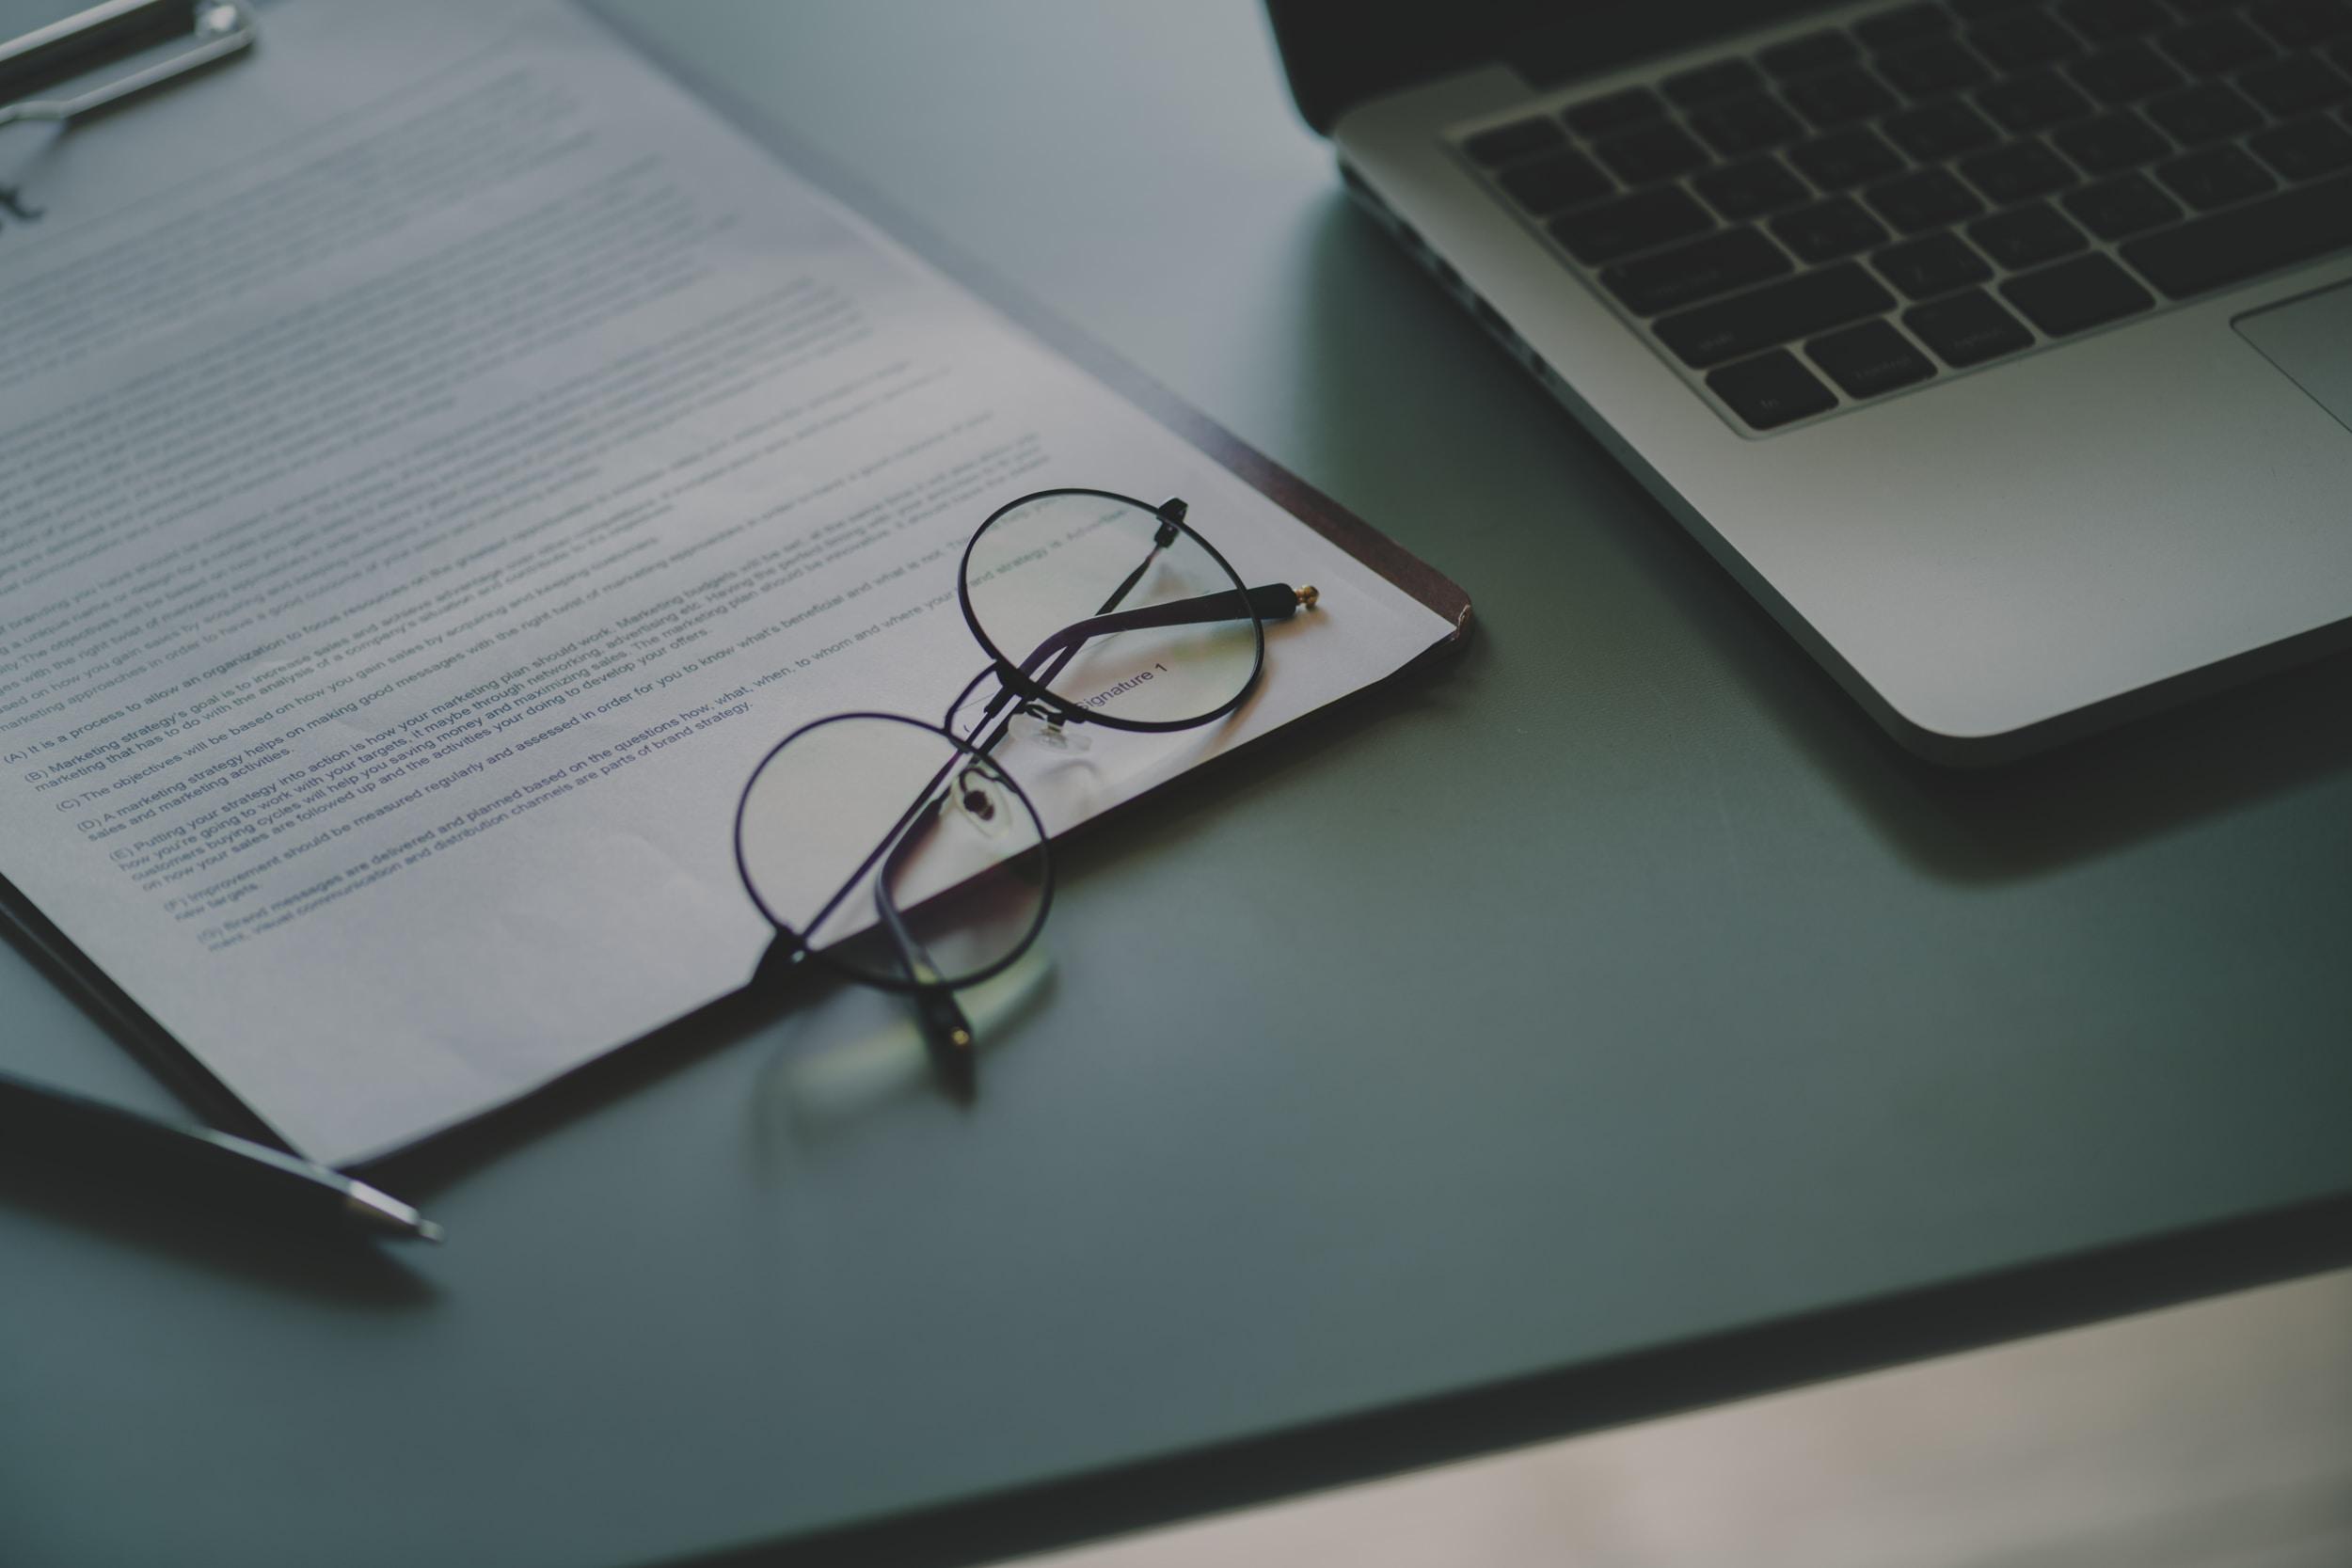 eyeglasses on white document paper